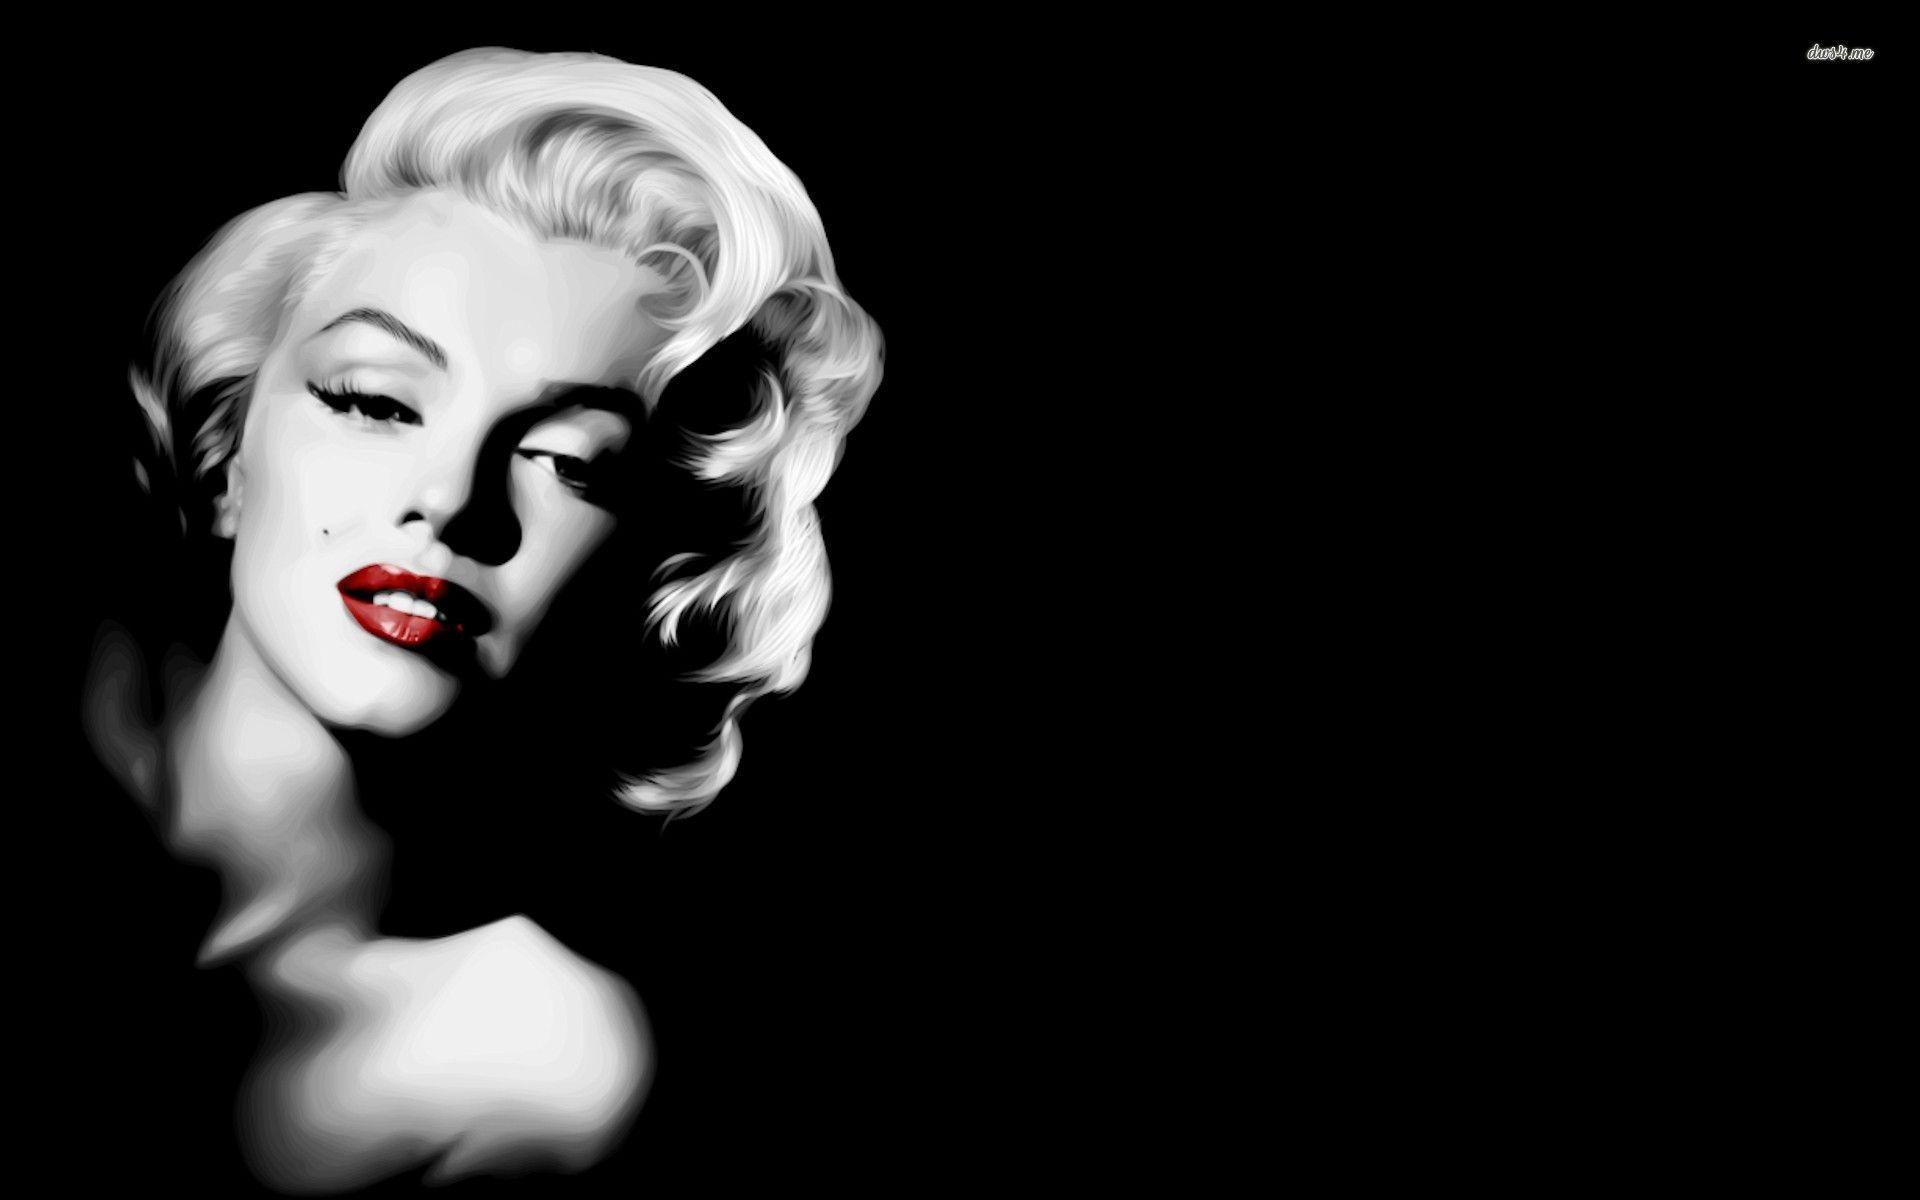 Marilyn Monroe wallpaper - 979057